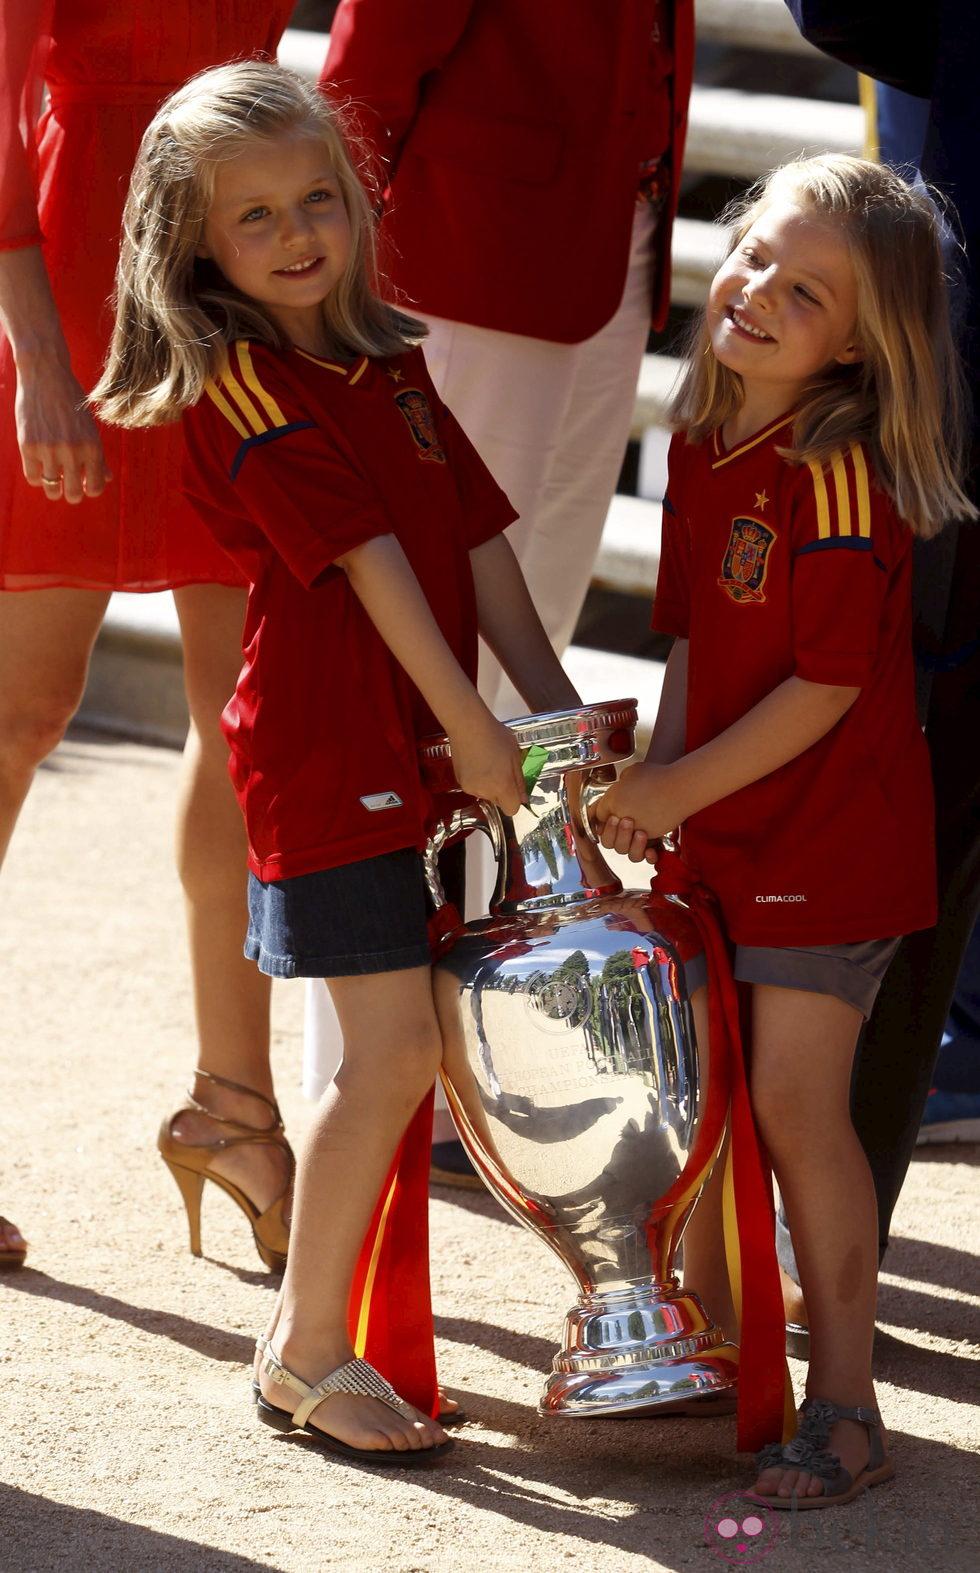 Recepción en Zarzuela a la Selección española 24269_infantas-leonor-sofia-eurocopa-2012